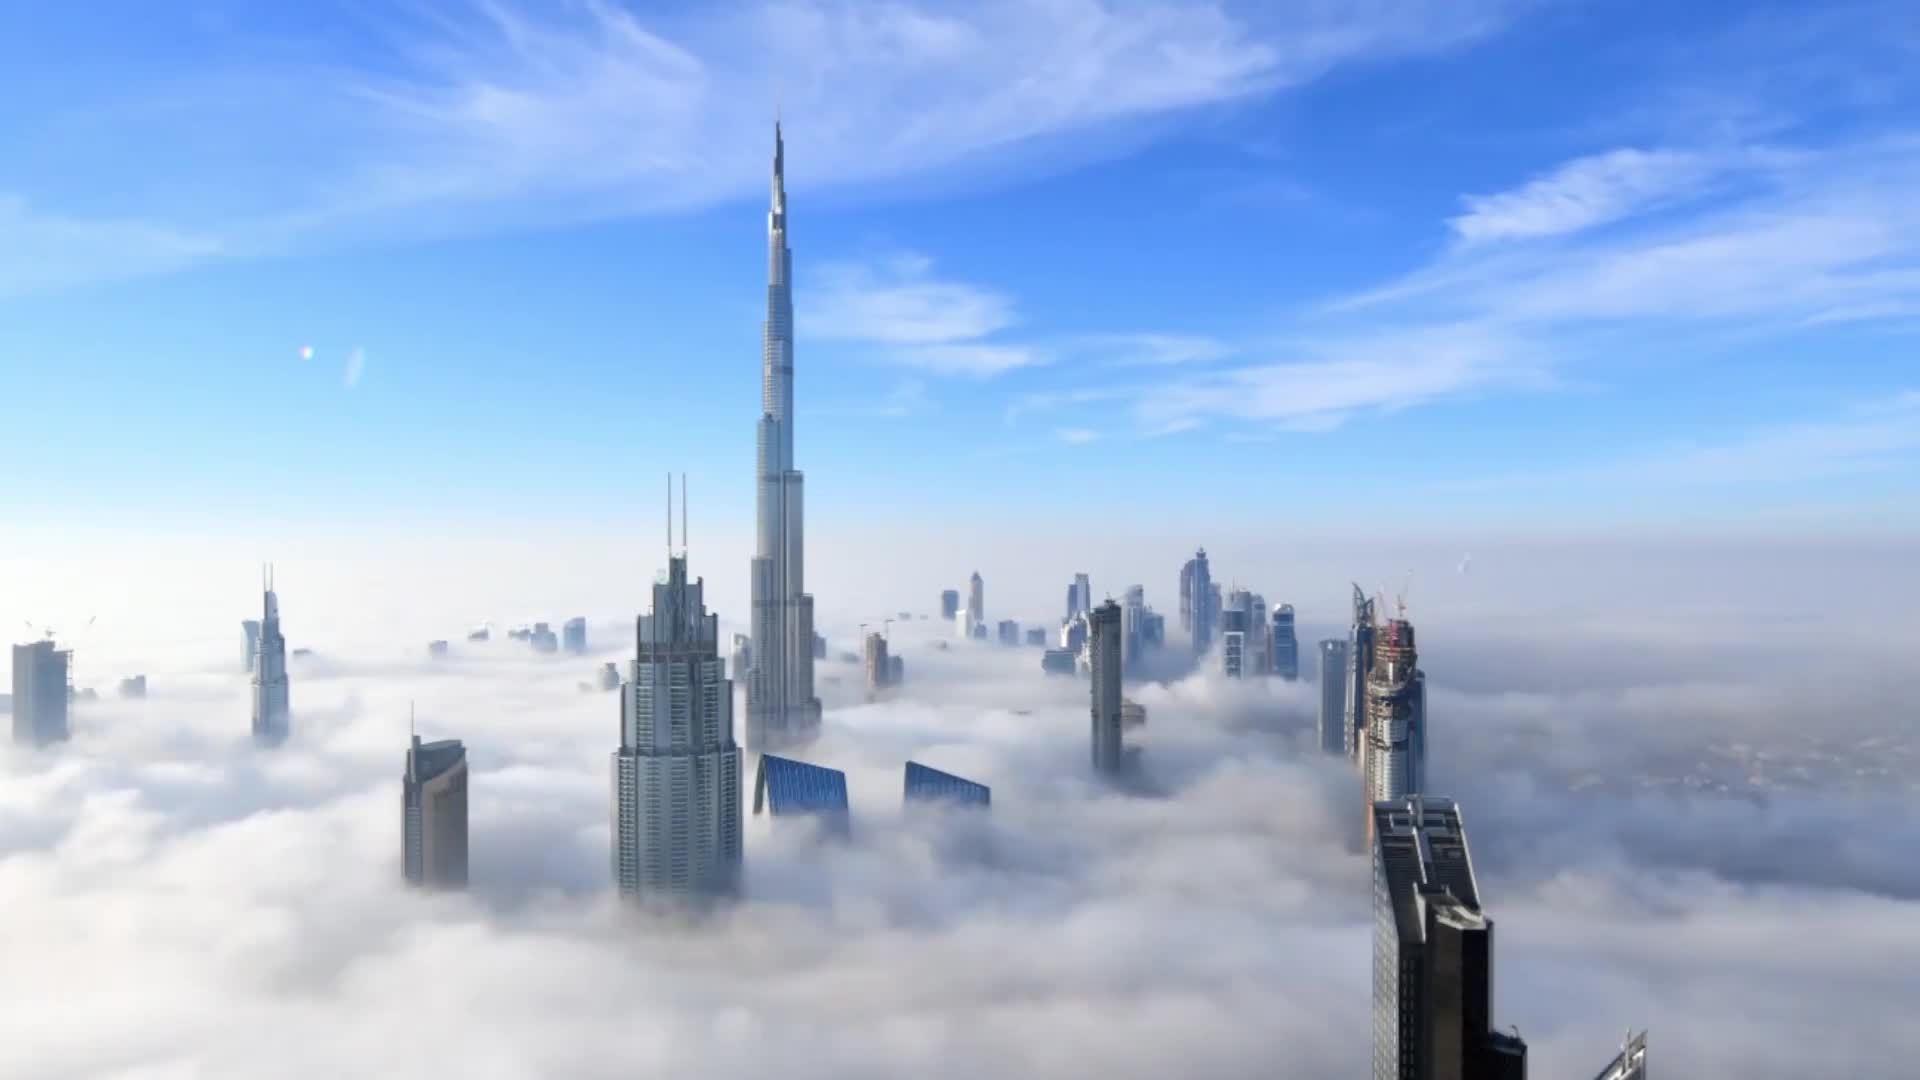 Khung cảnh mờ ảo trong sương mù ở Dubai